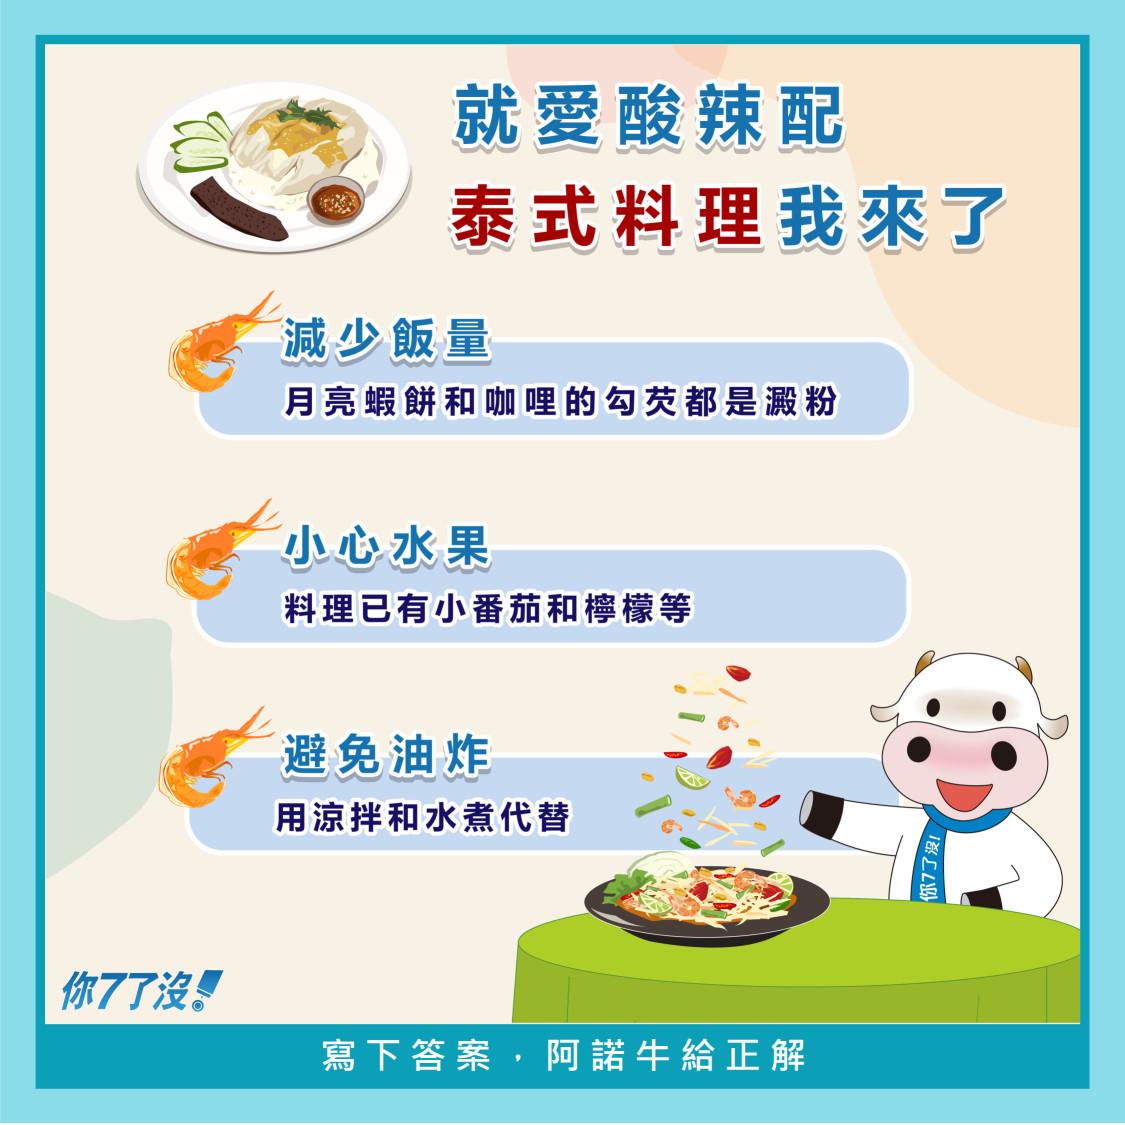 糖友也愛酸辣配~泰式料理己少飯量、小心水果、避免油炸,也能放心吃